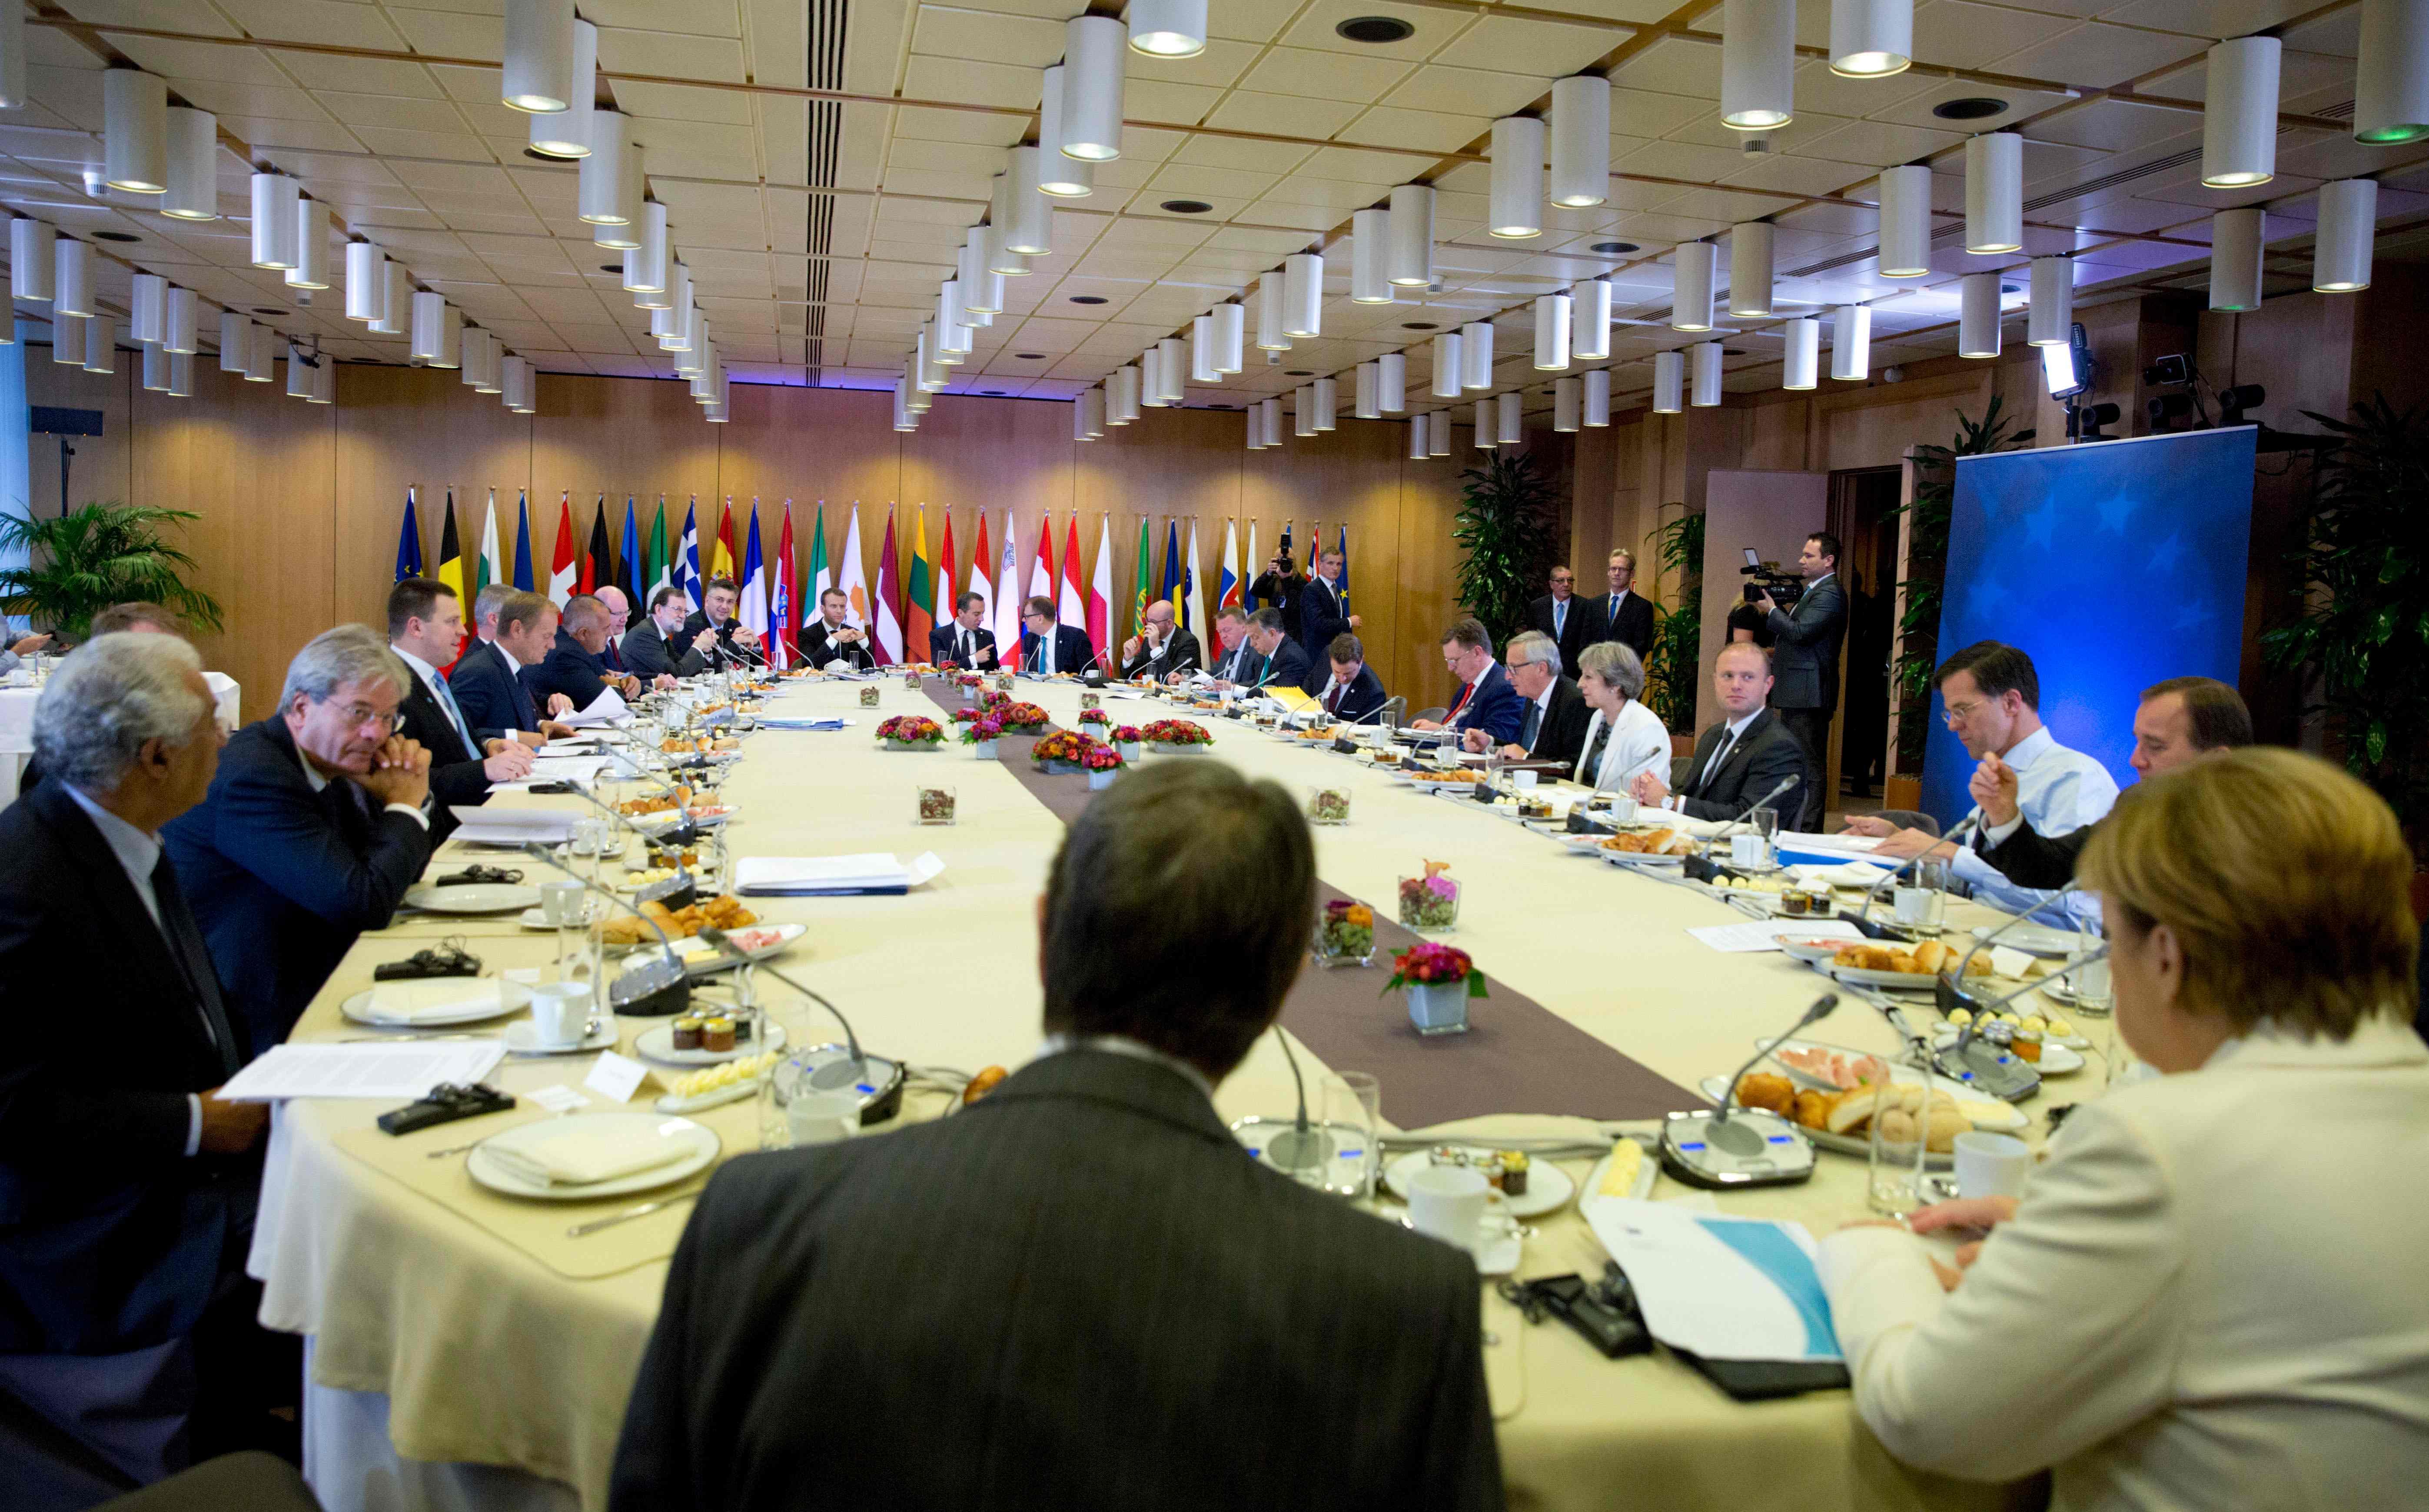 القمة الأوروبية: فكرة تمديد الفترة الانتقالية لـ بريكست قيد التداول